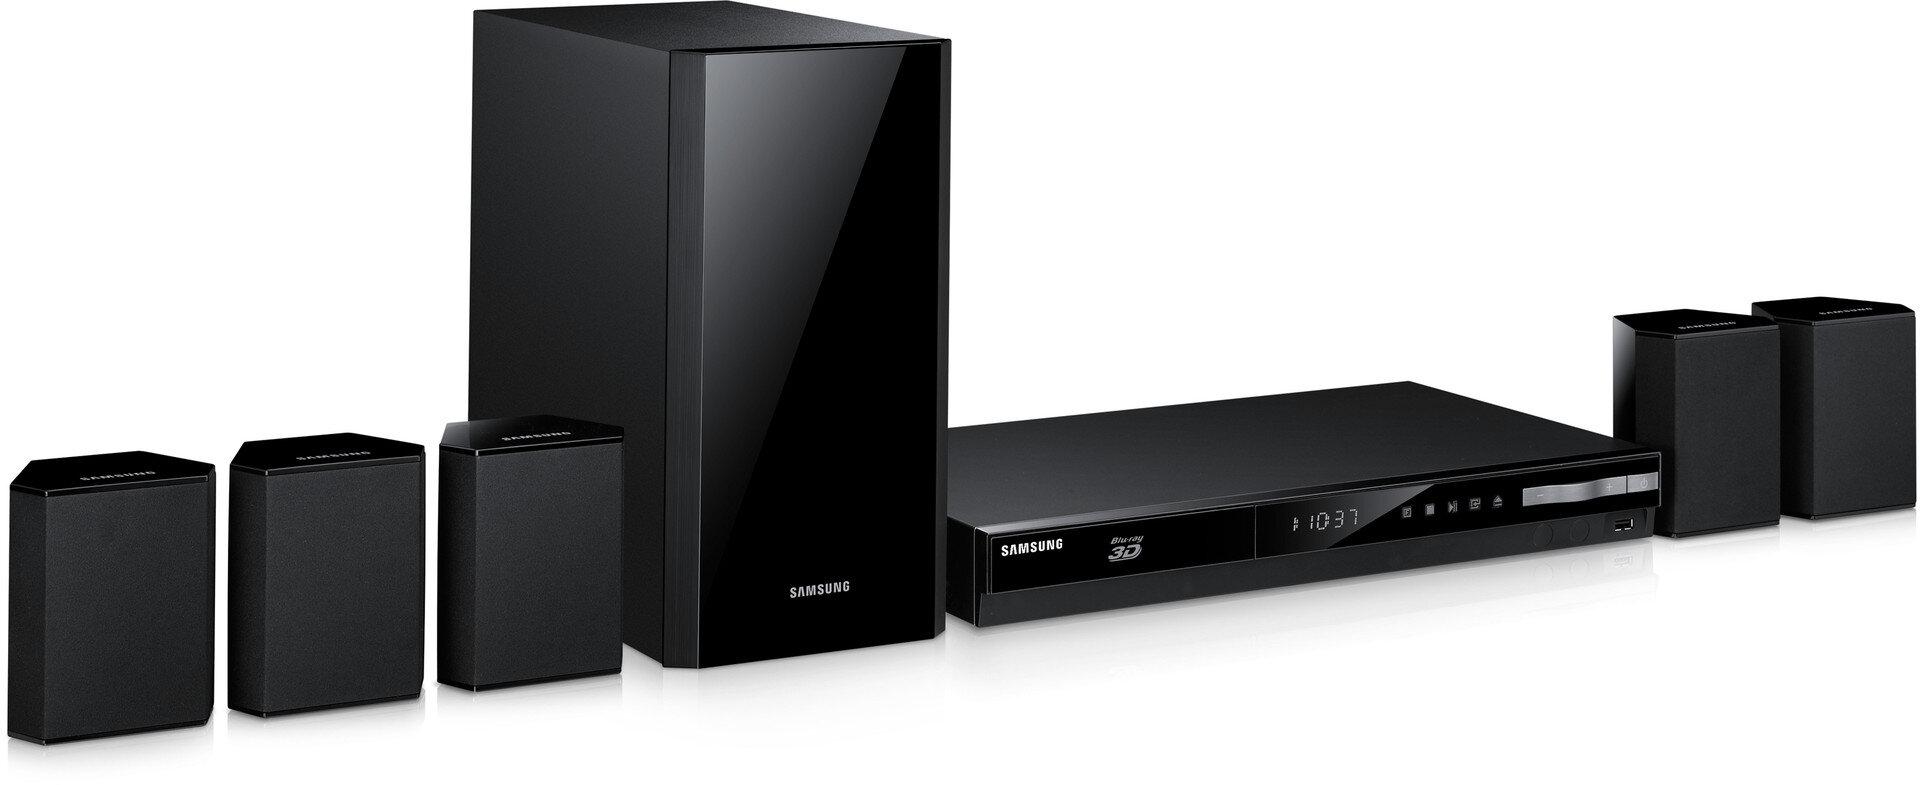 Đánh giá dàn âm thanh Samsung HT-F4500 – 5.1 kênh, trải nghiệm công nghệ chất lượng cao